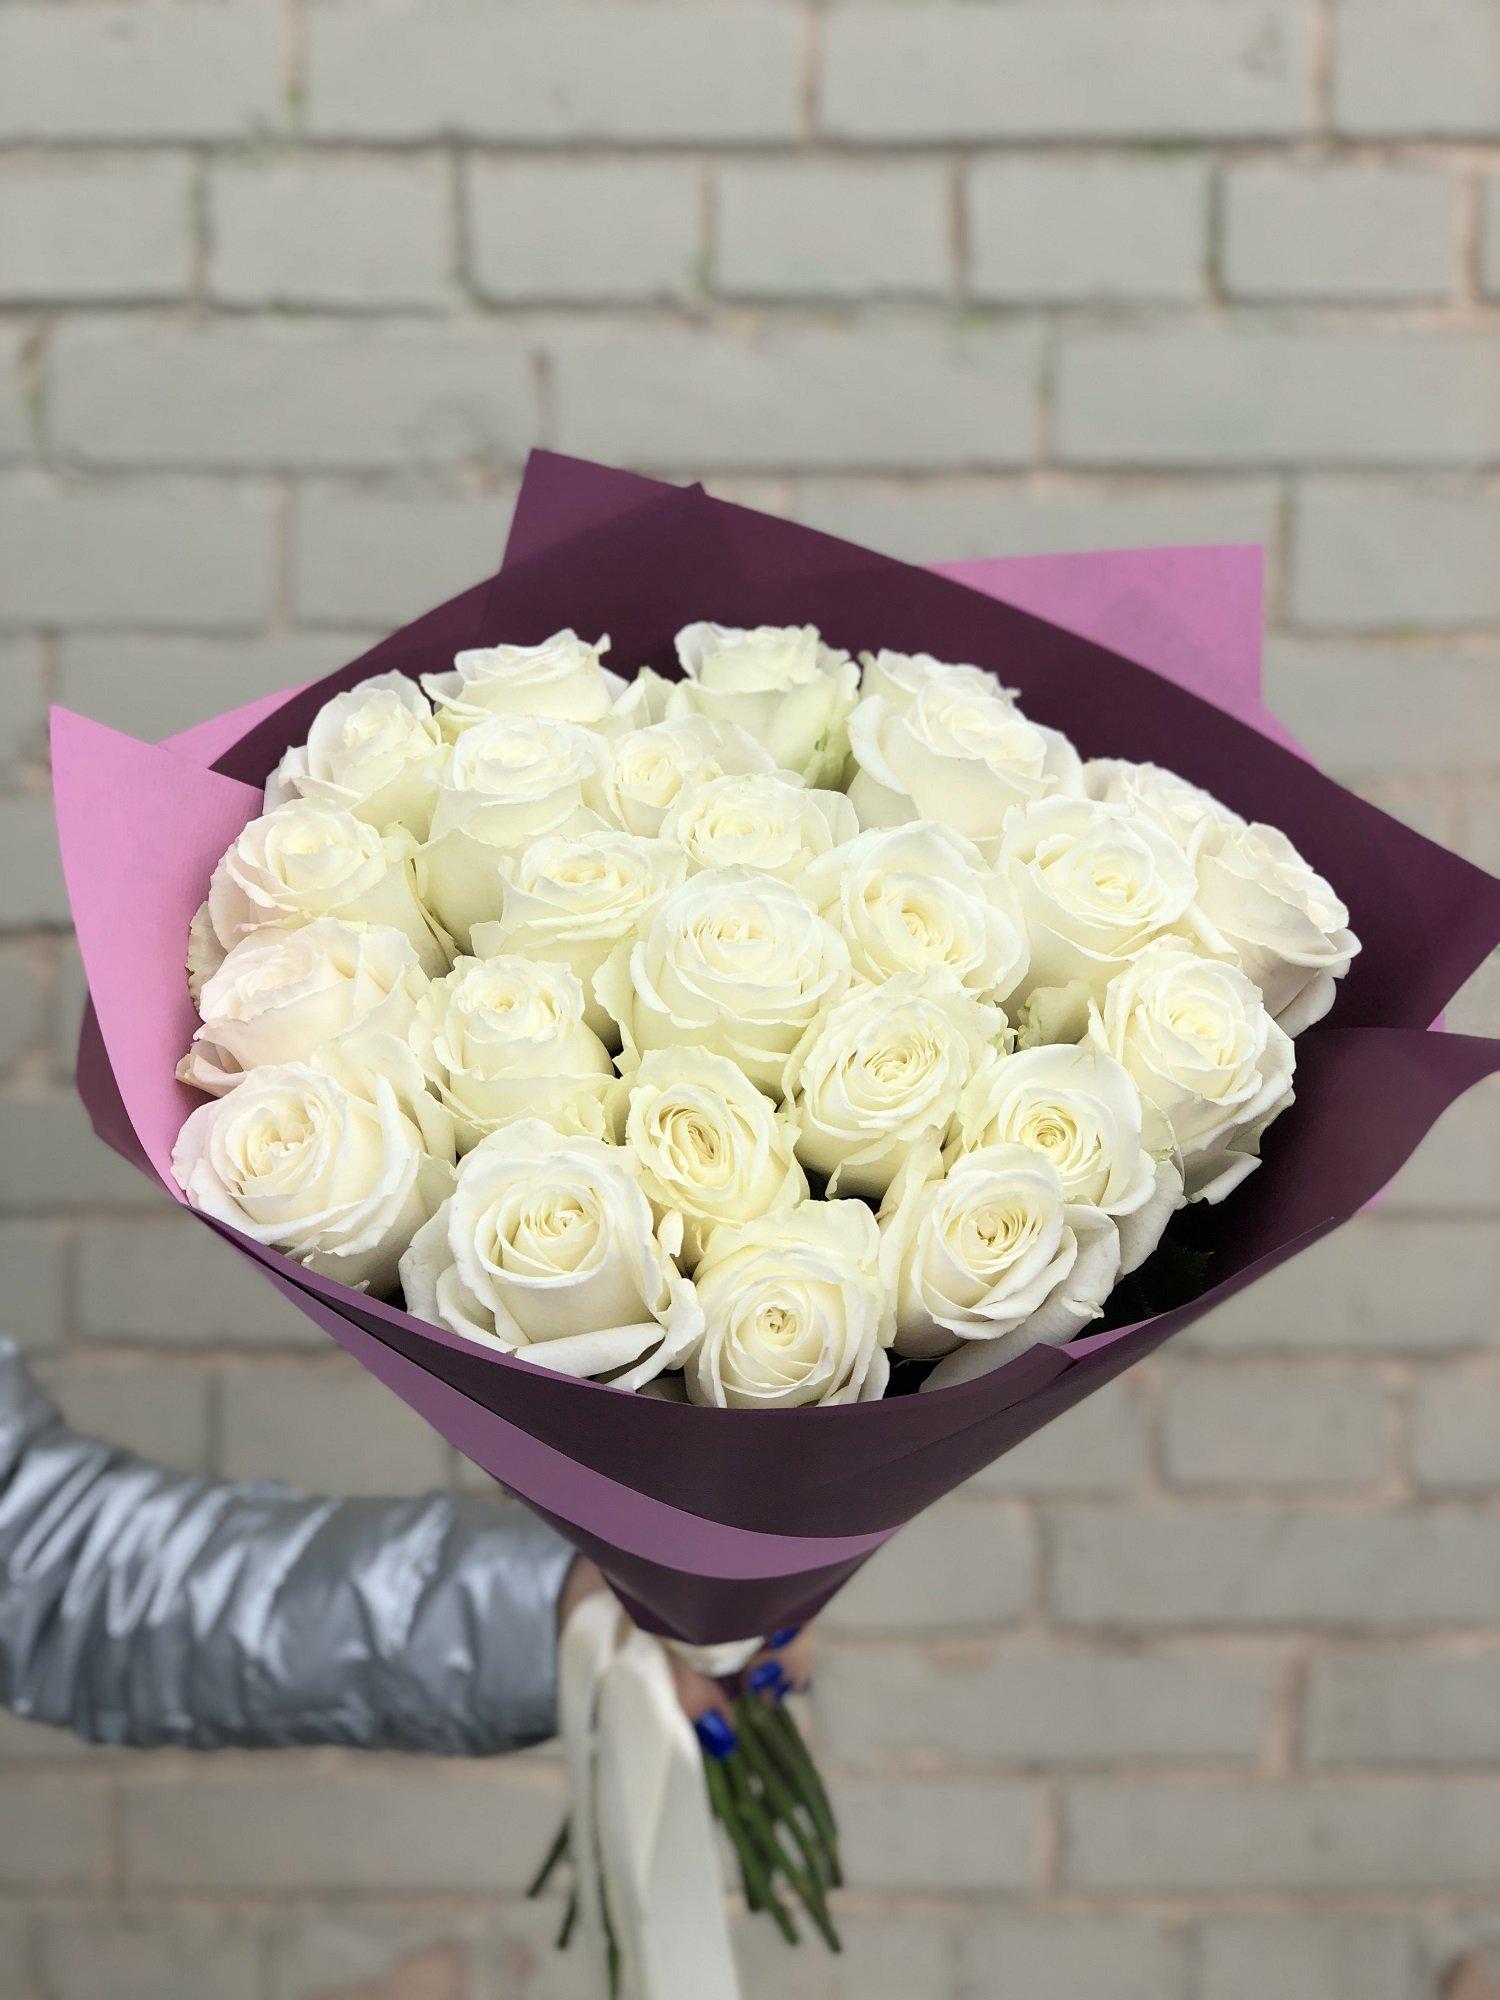 Цветов, букет из белых 25 белых роз (букет